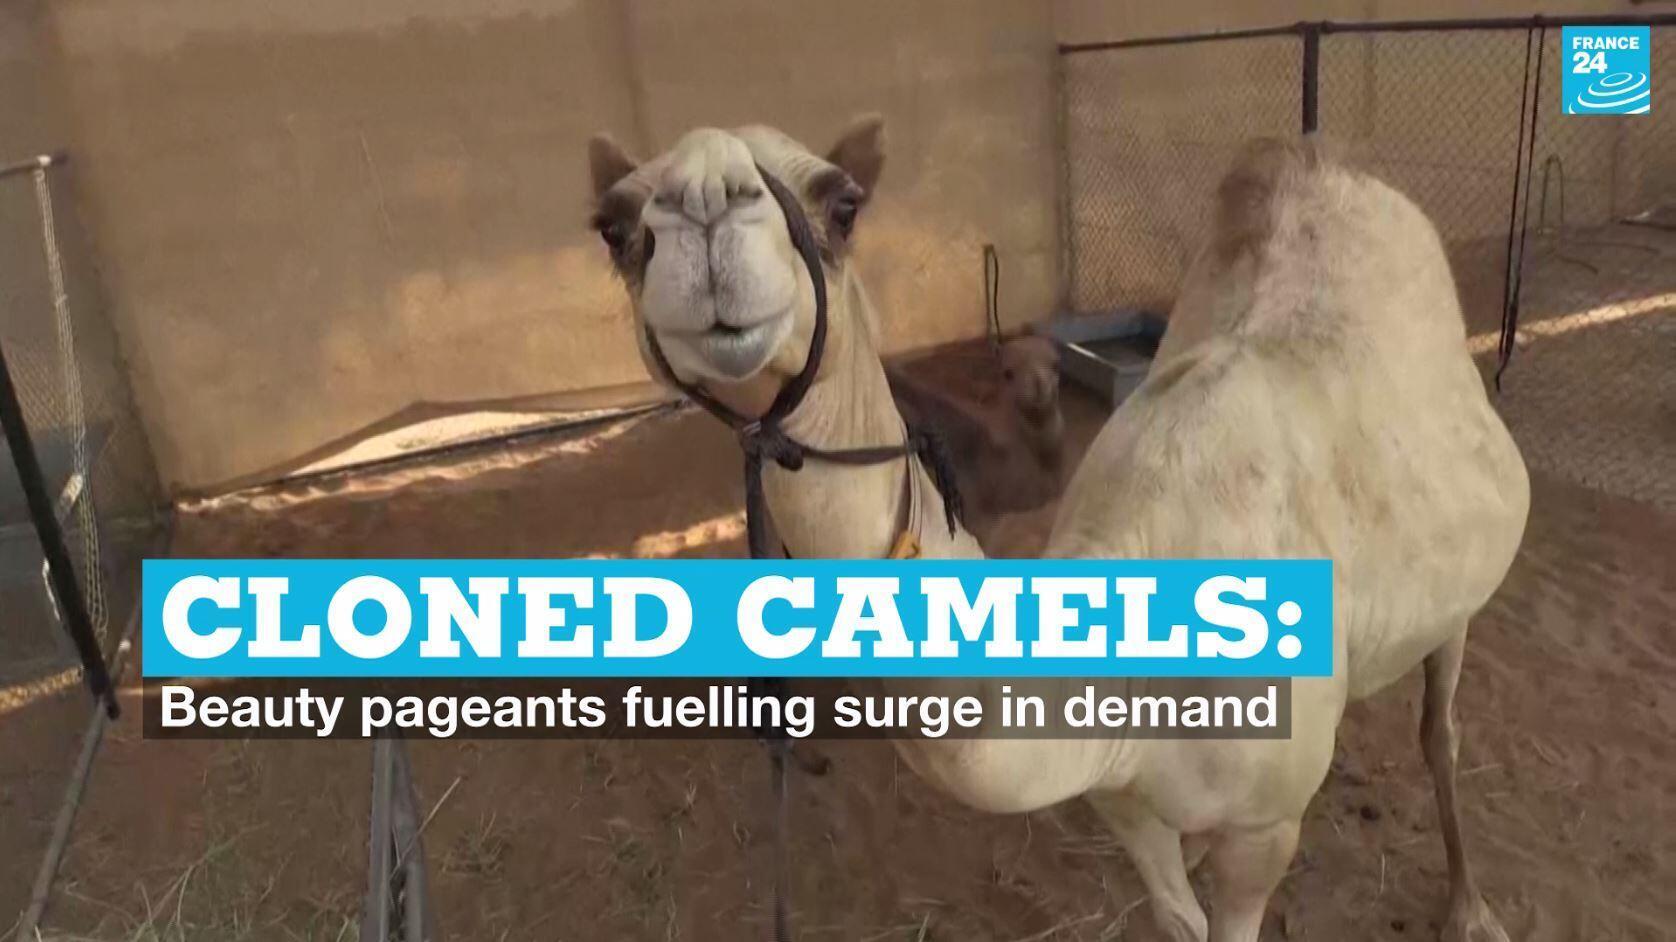 vignette cloned camels